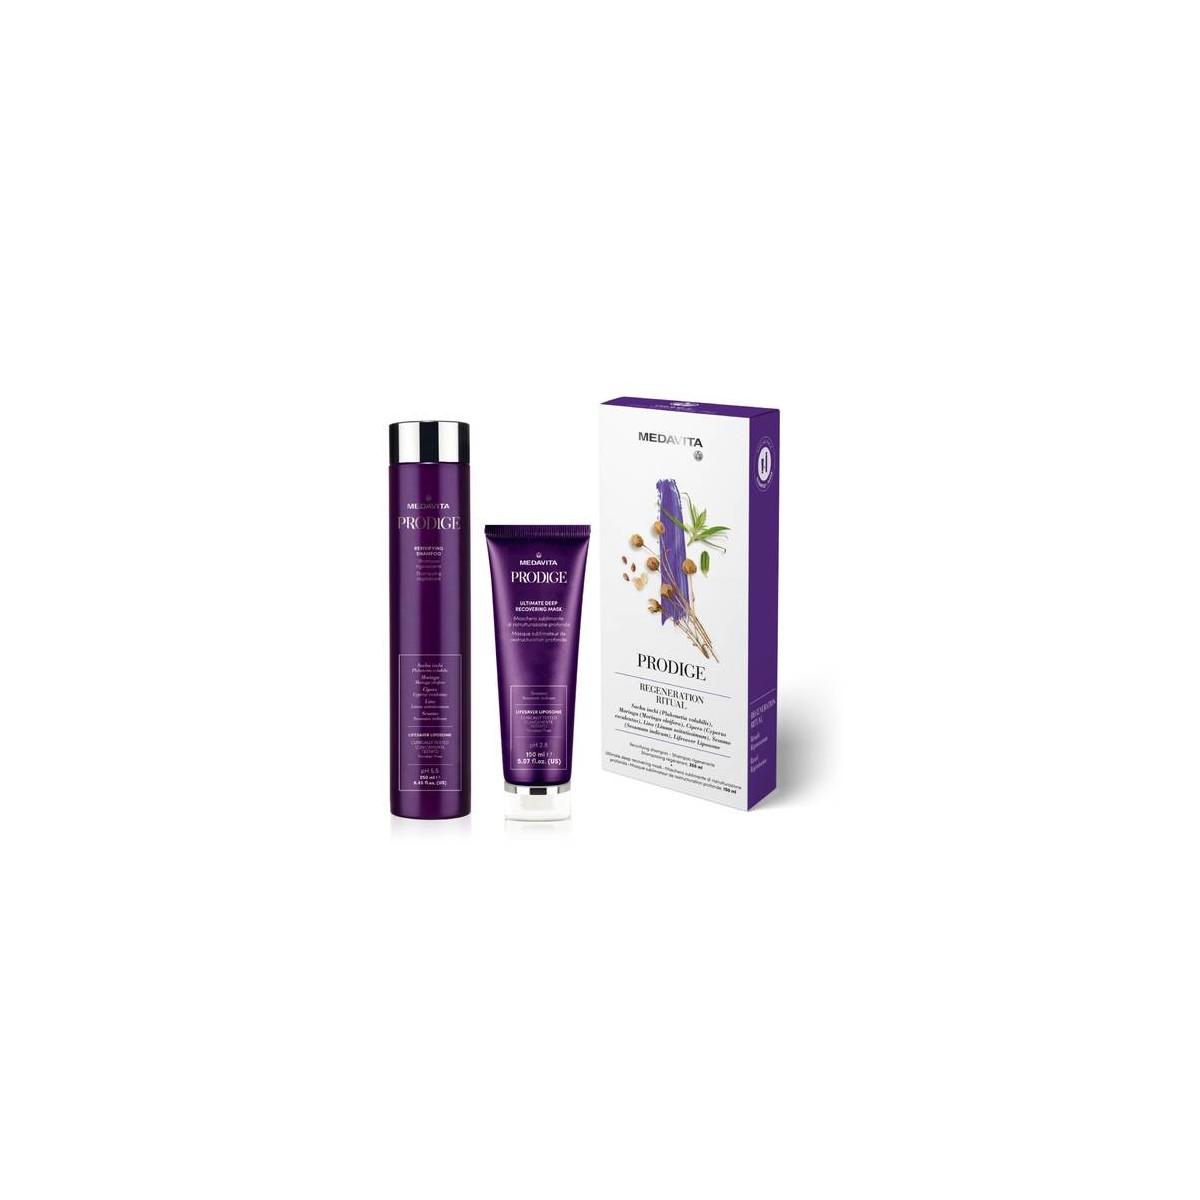 MEDAVITA Prodige Kit Regeneration Ritual (shampoo 250ml + mask 150ml) - Zestaw rewitalizujący